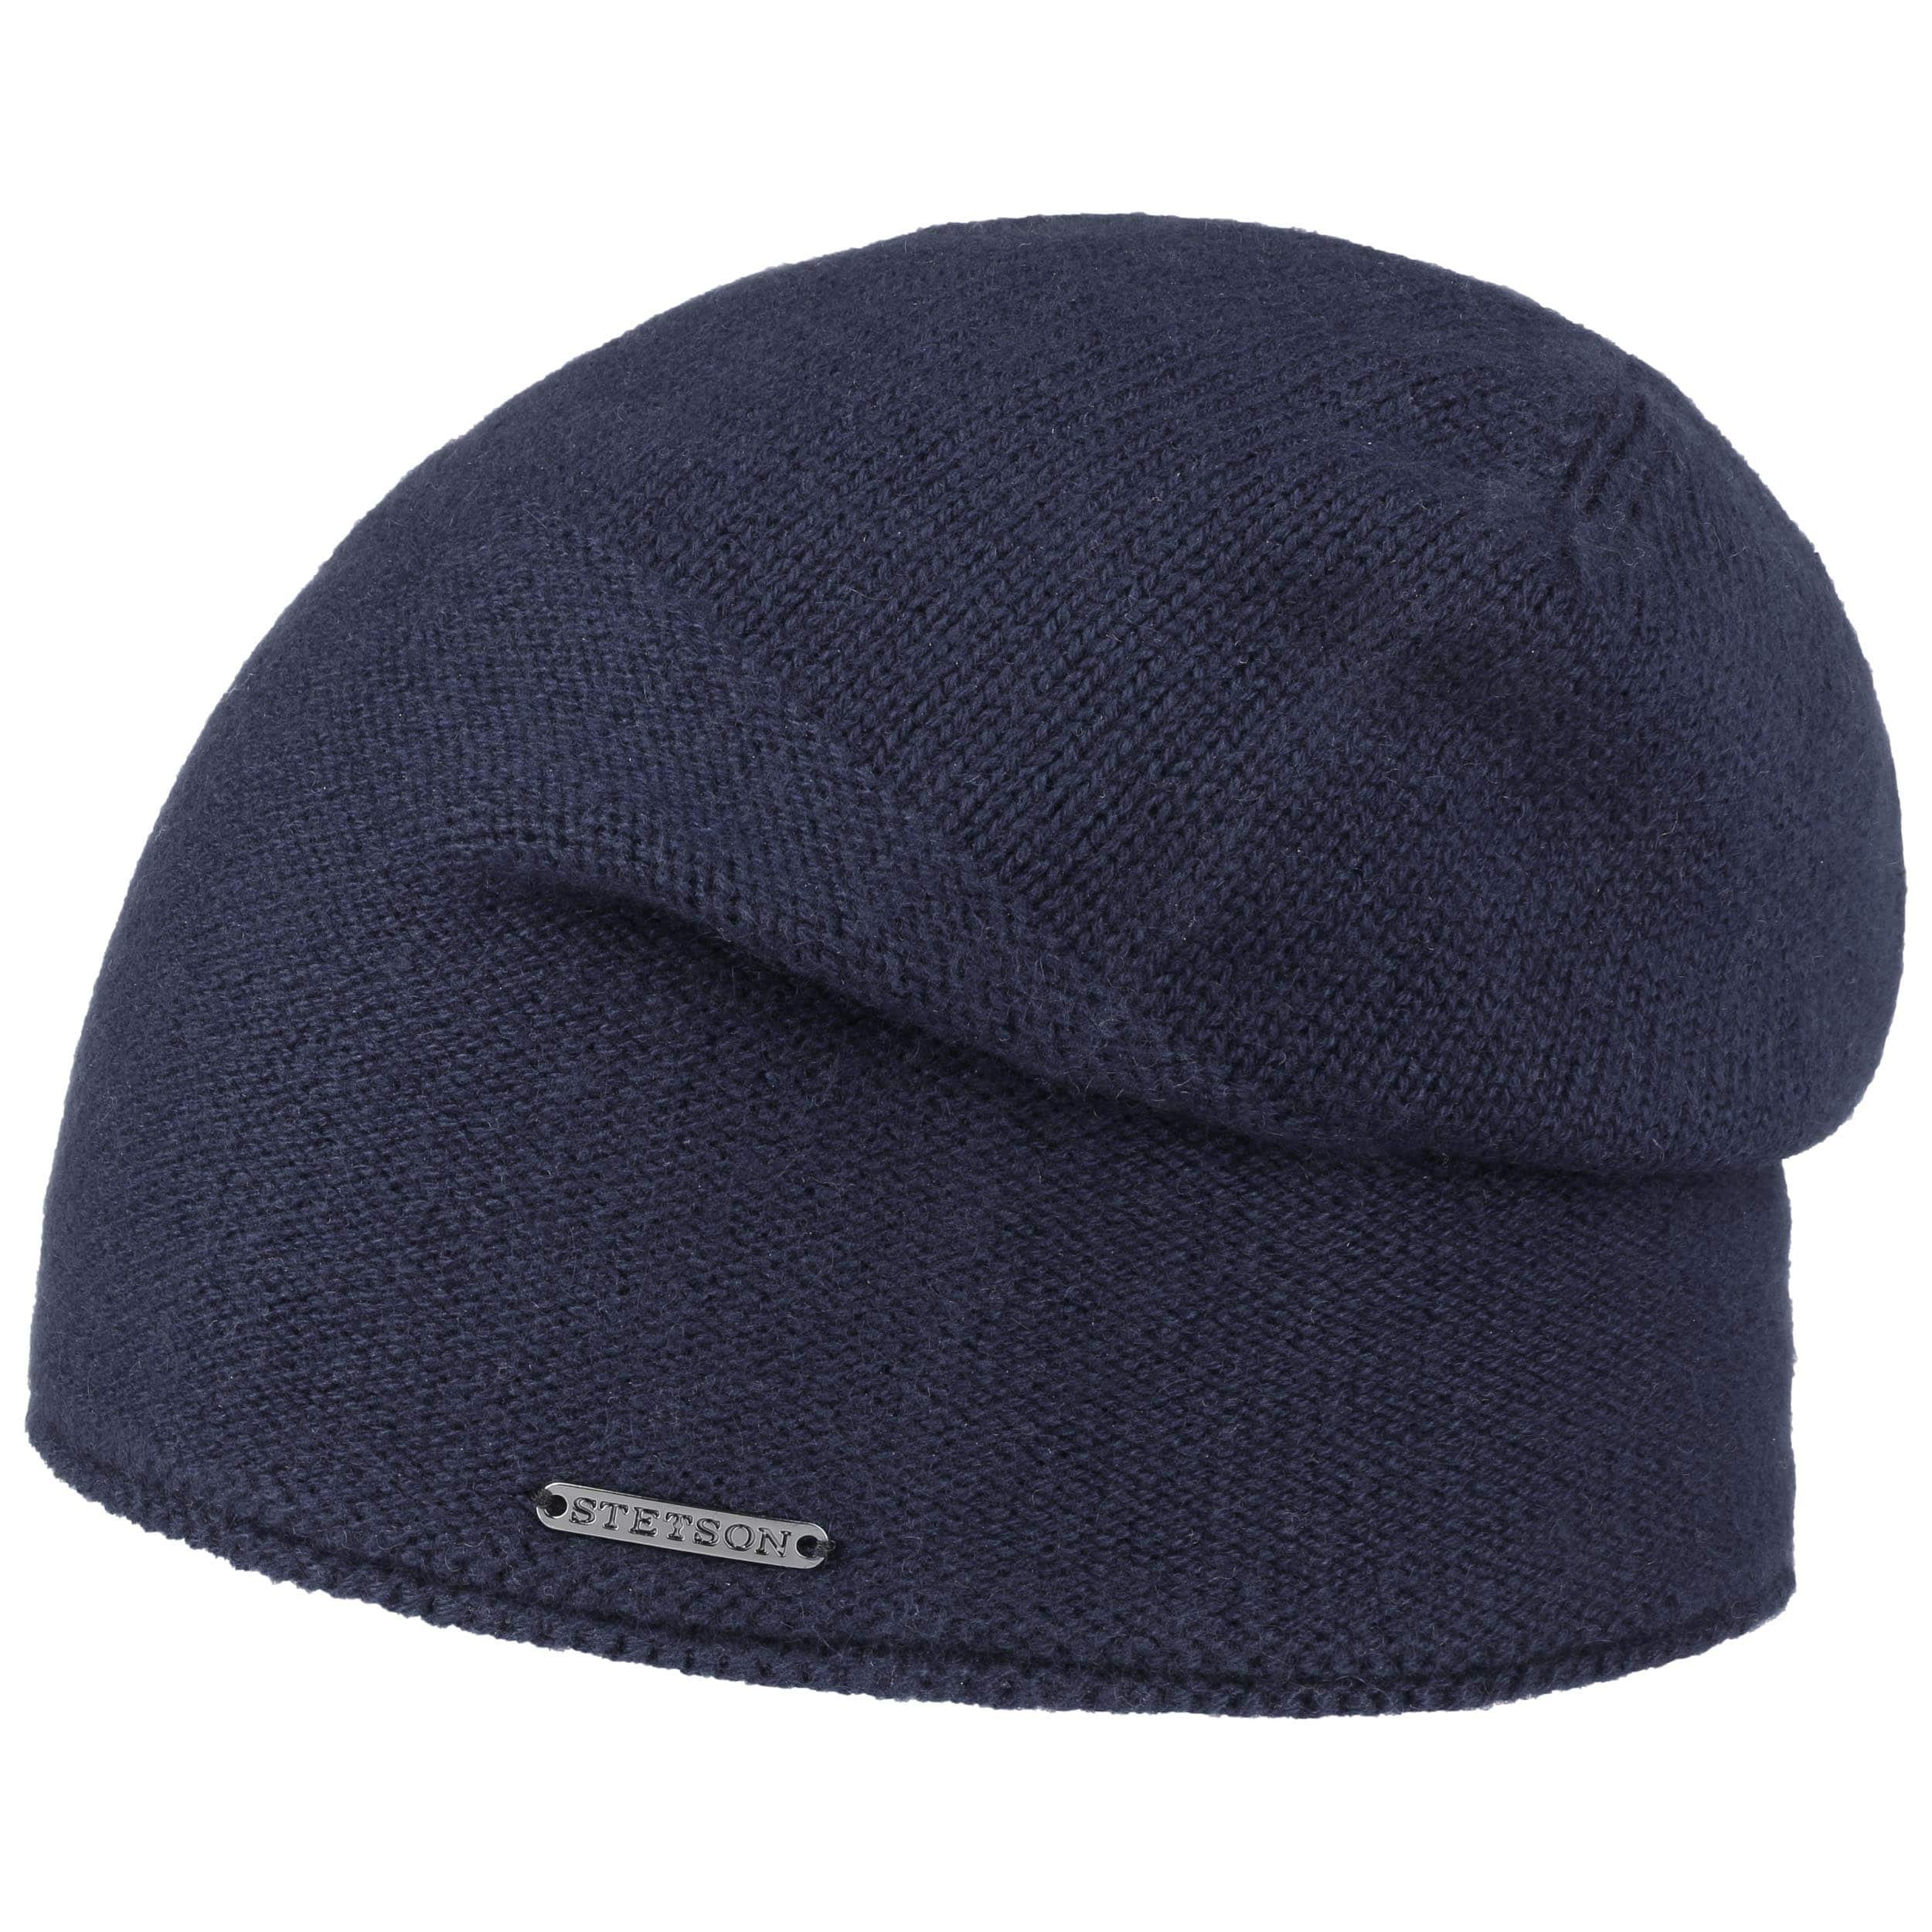 ... Berretto Cashmere Oversize by Stetson - blu scuro 1 ... 18310255ad0f